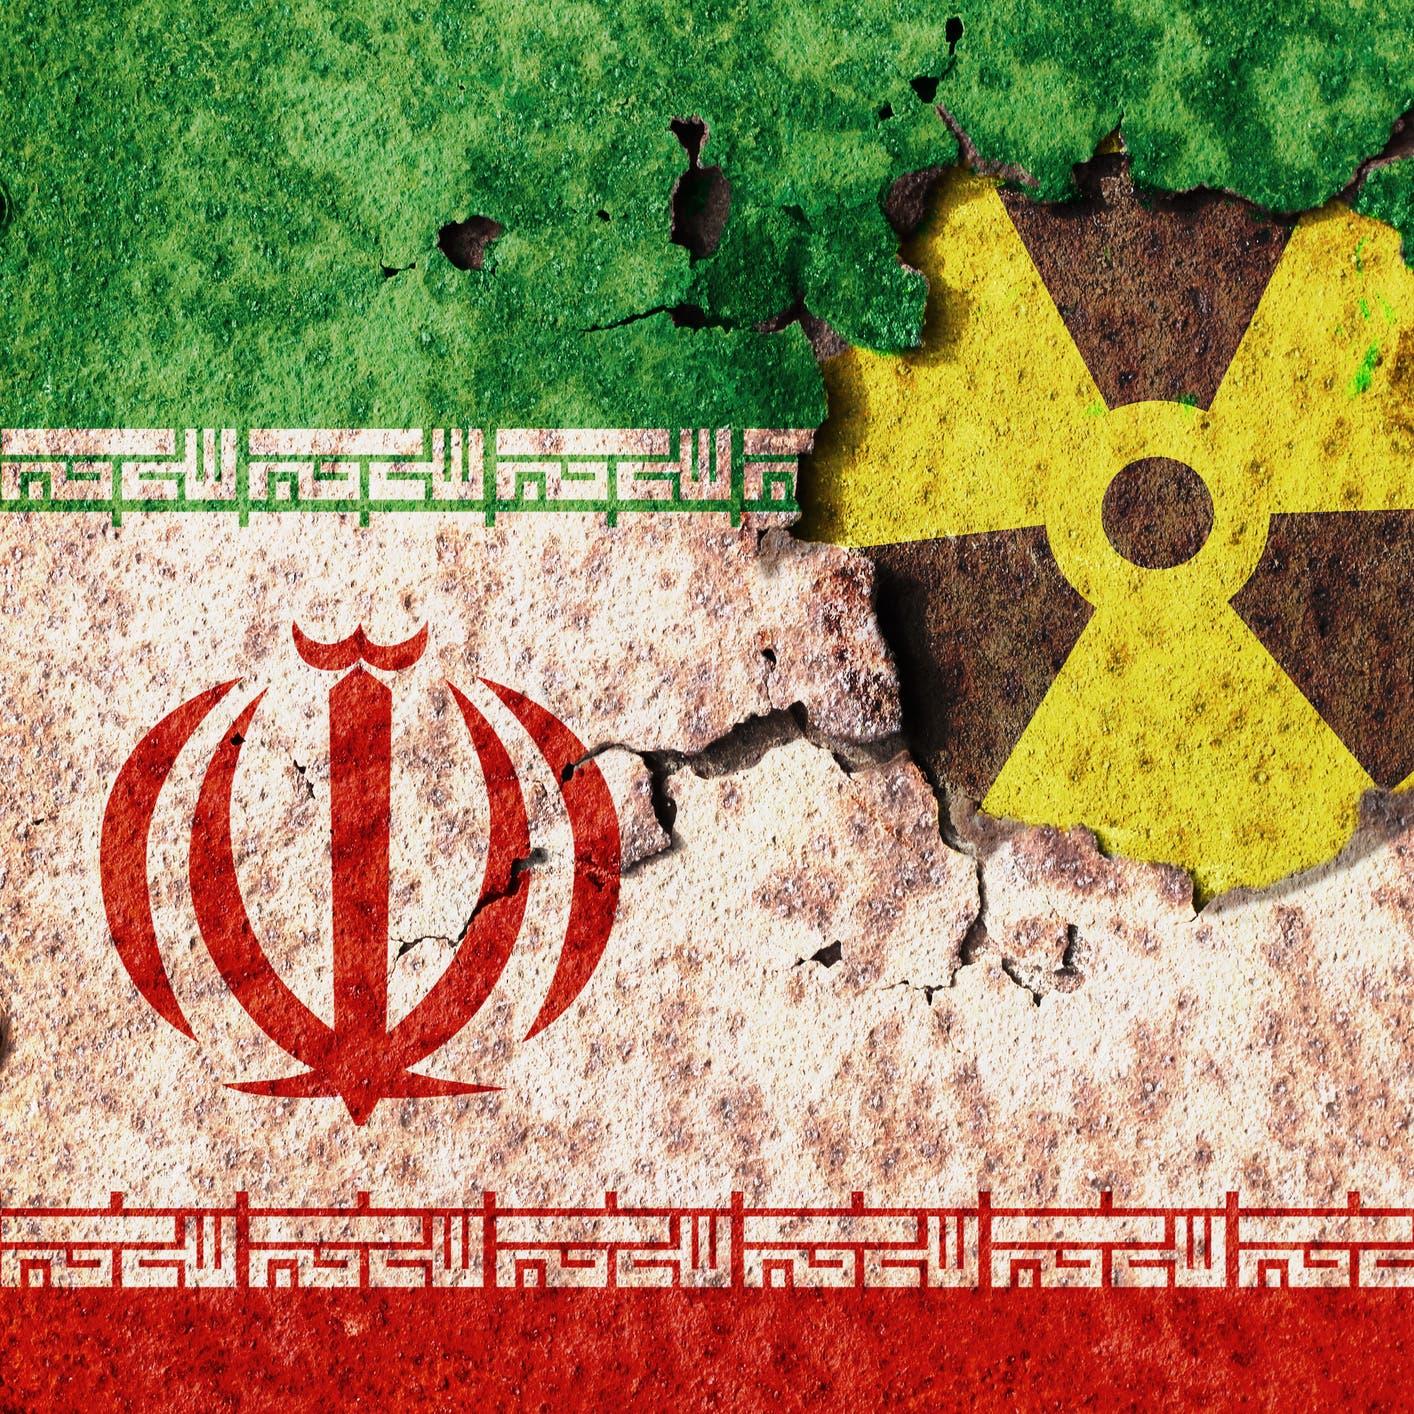 إسرائيل: إيران زادت جهودها في برنامجها النووي